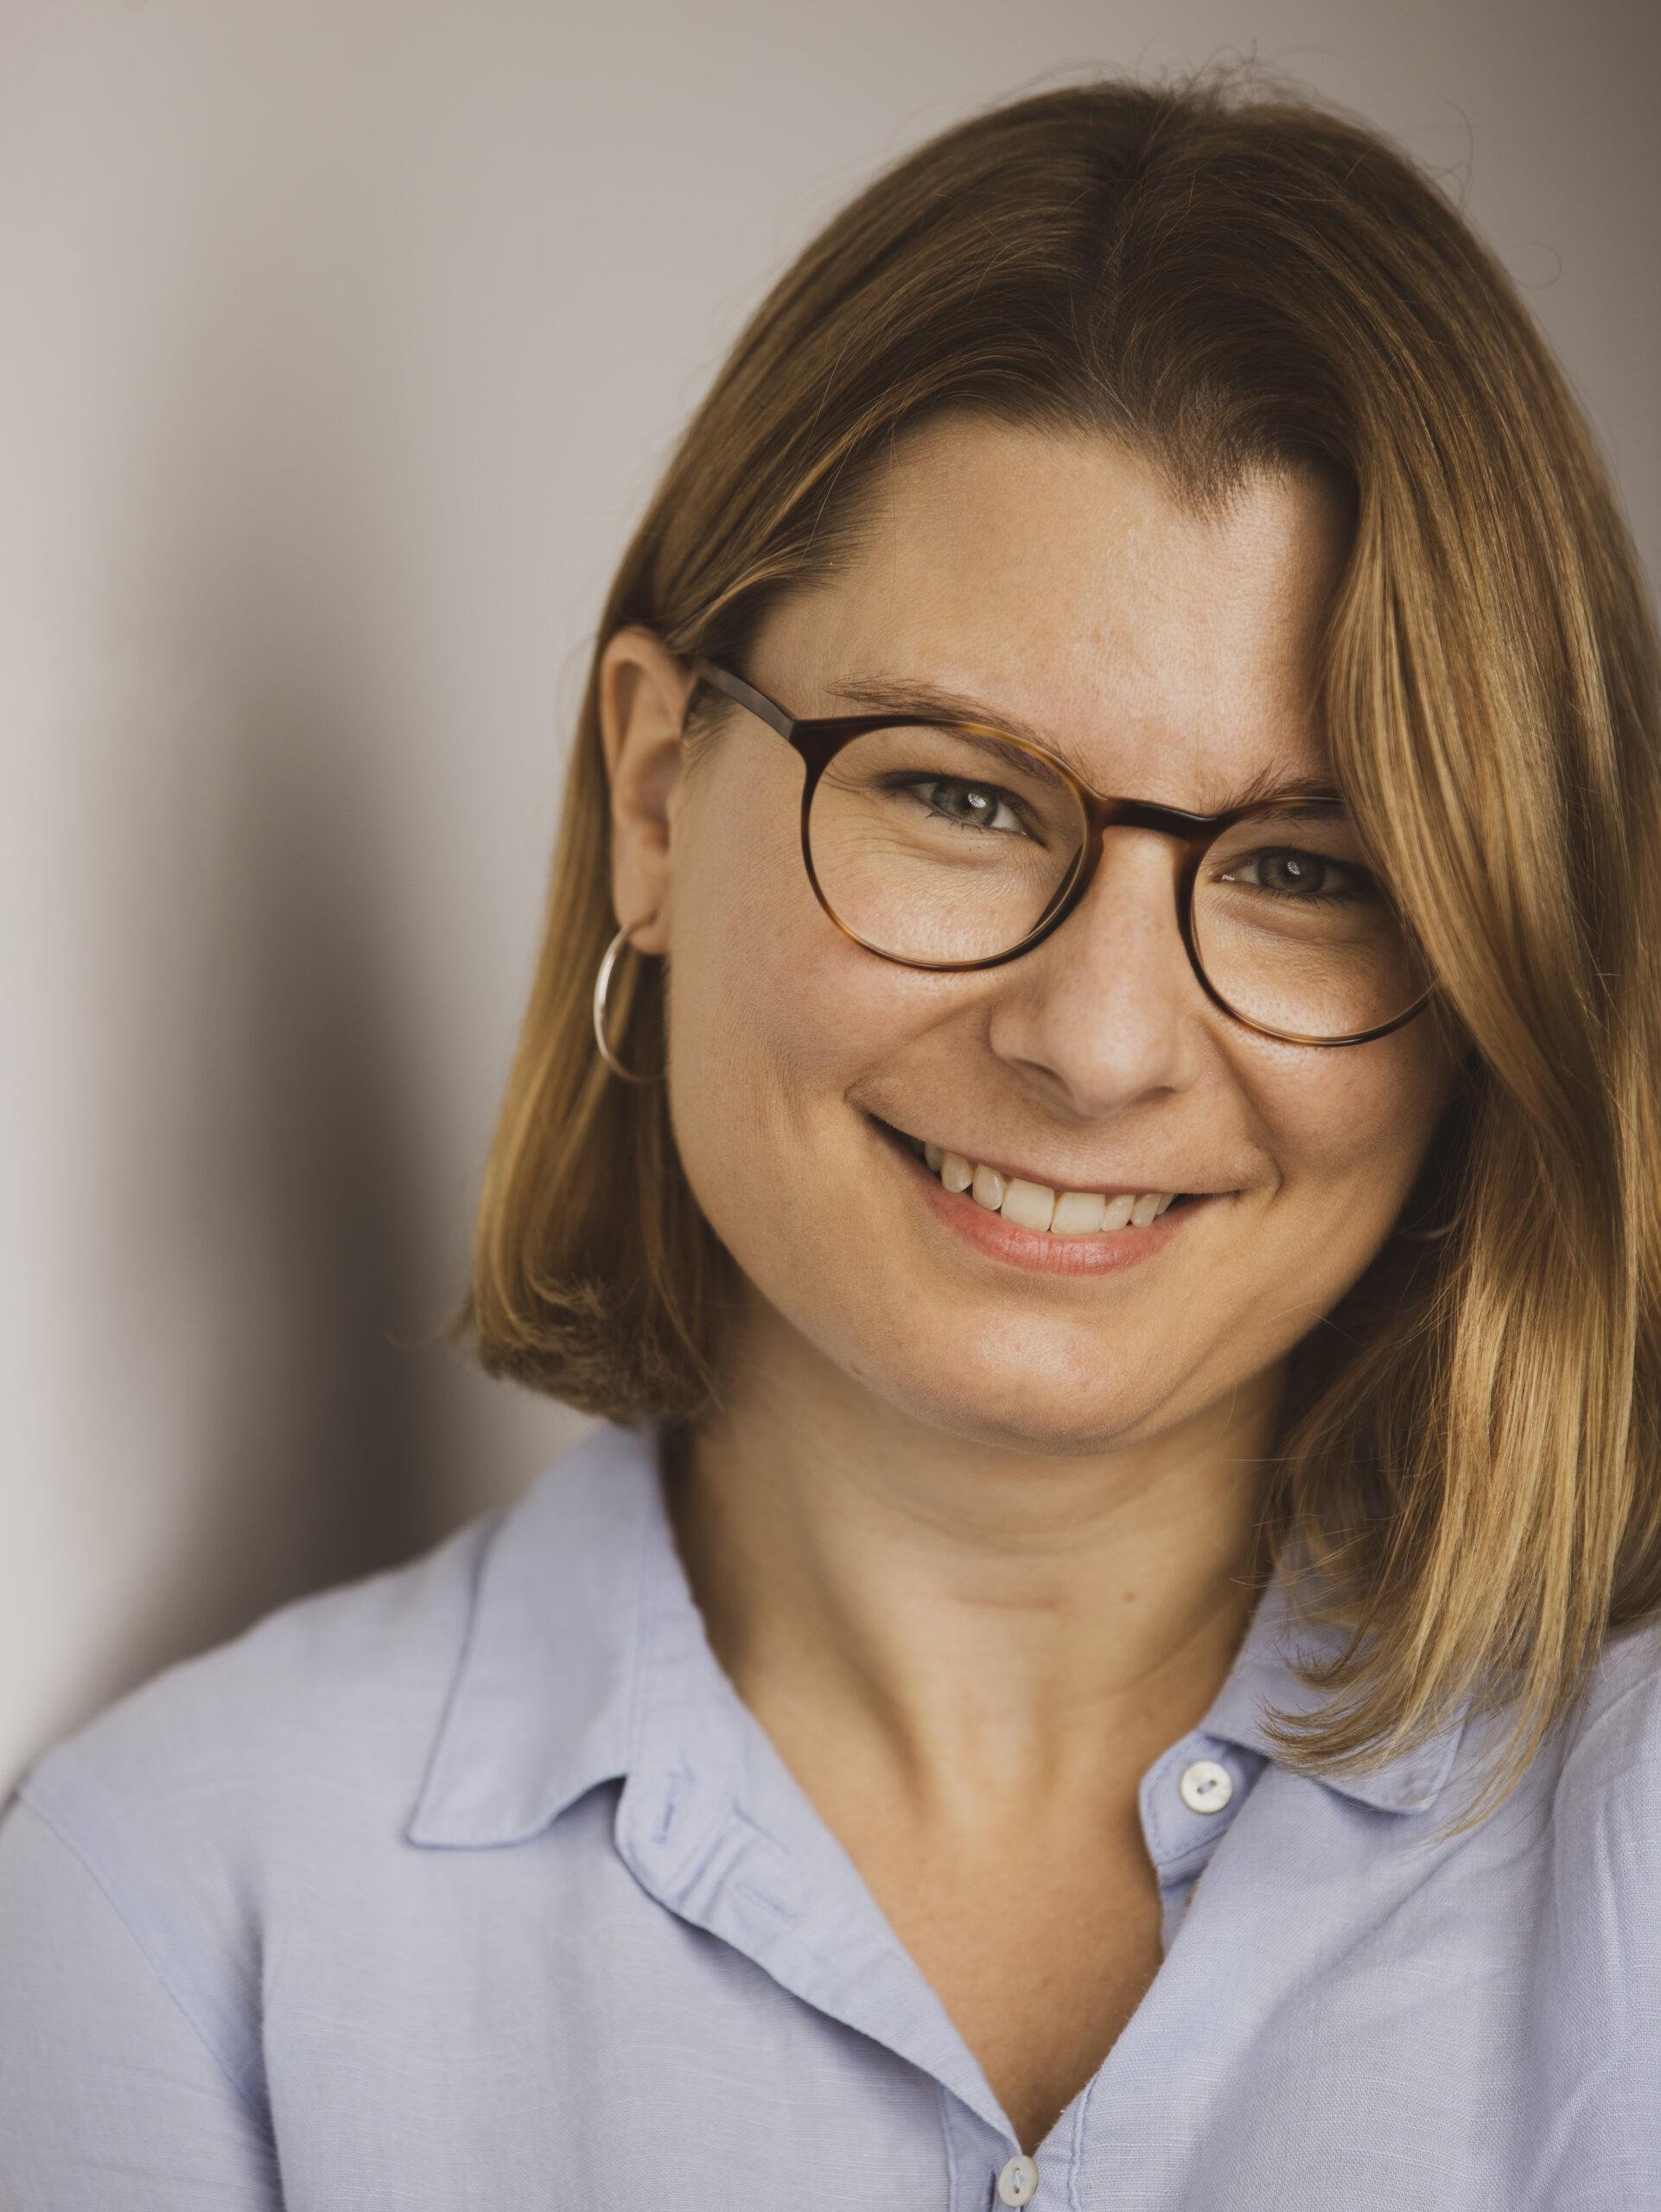 Studierende Eva Maria Wlaschitz über die Online-Lehre